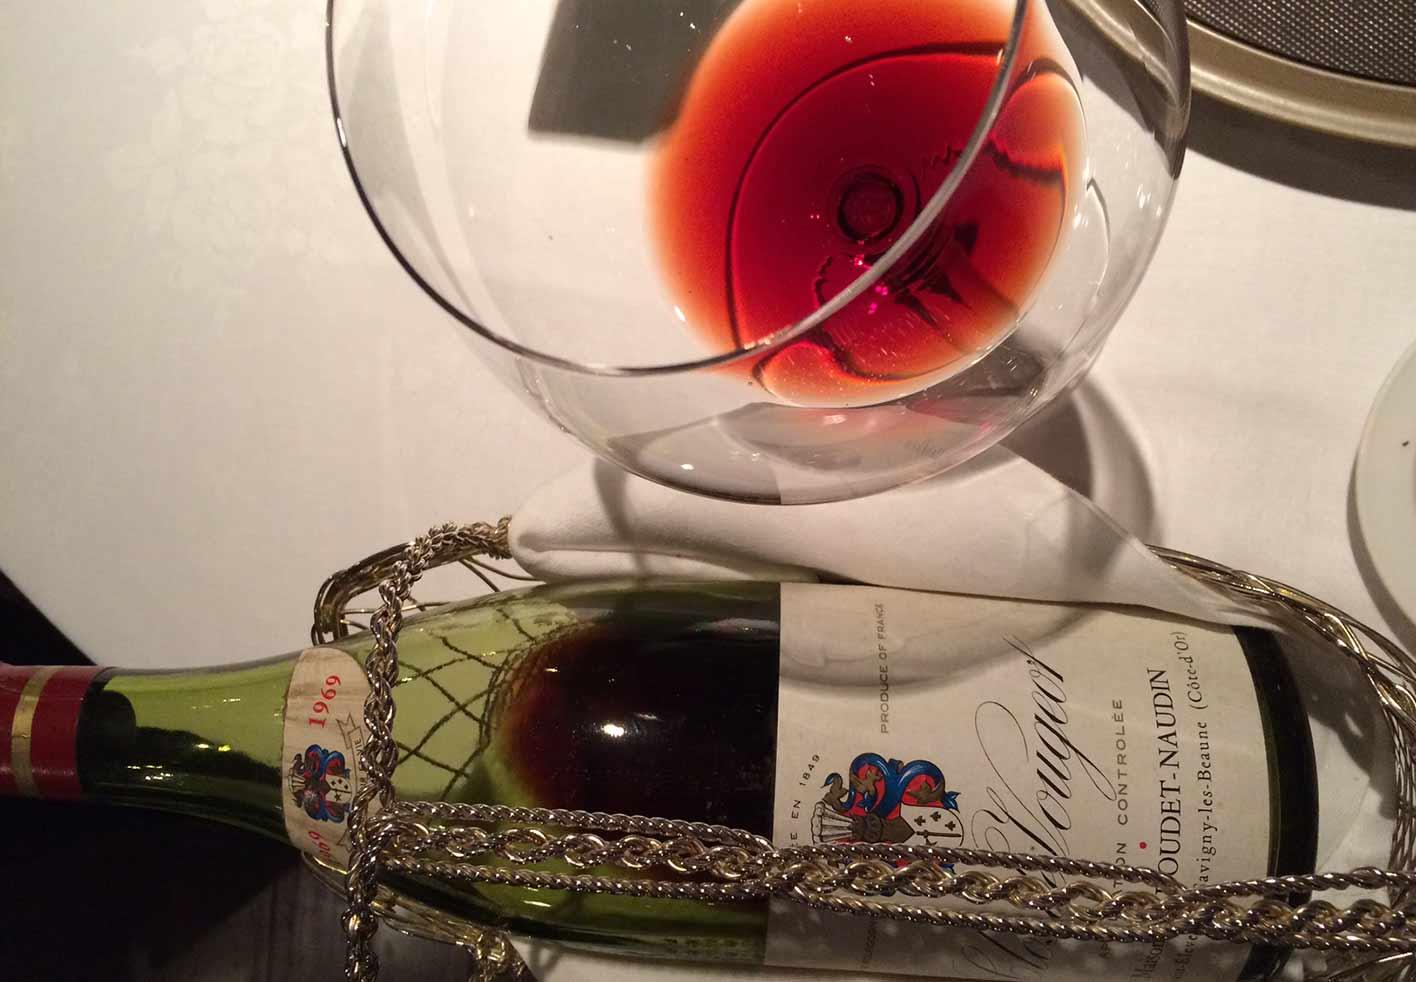 ワインとともに優雅なひとときをお過ごし下さい